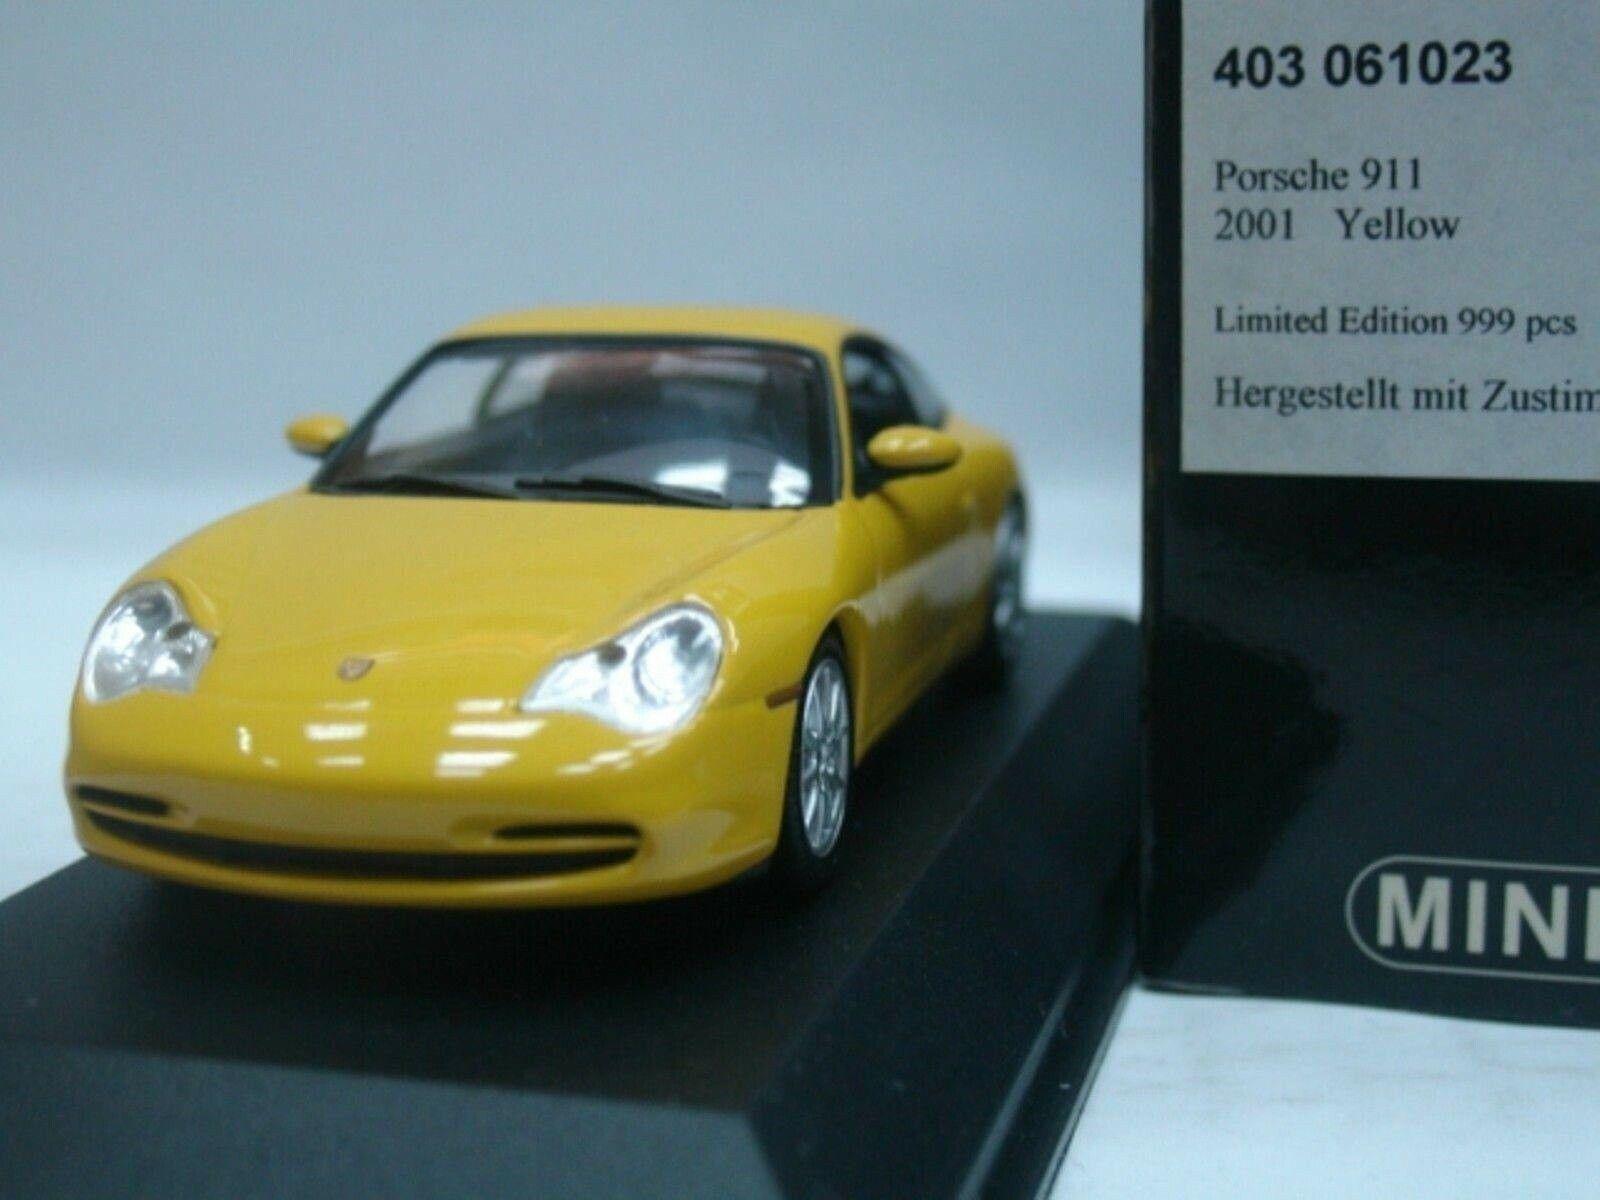 WOW estremamente RARA PORSCHE 996 911 2001 CARRERA 4 Coupe Giallo 1:43 Minichamps